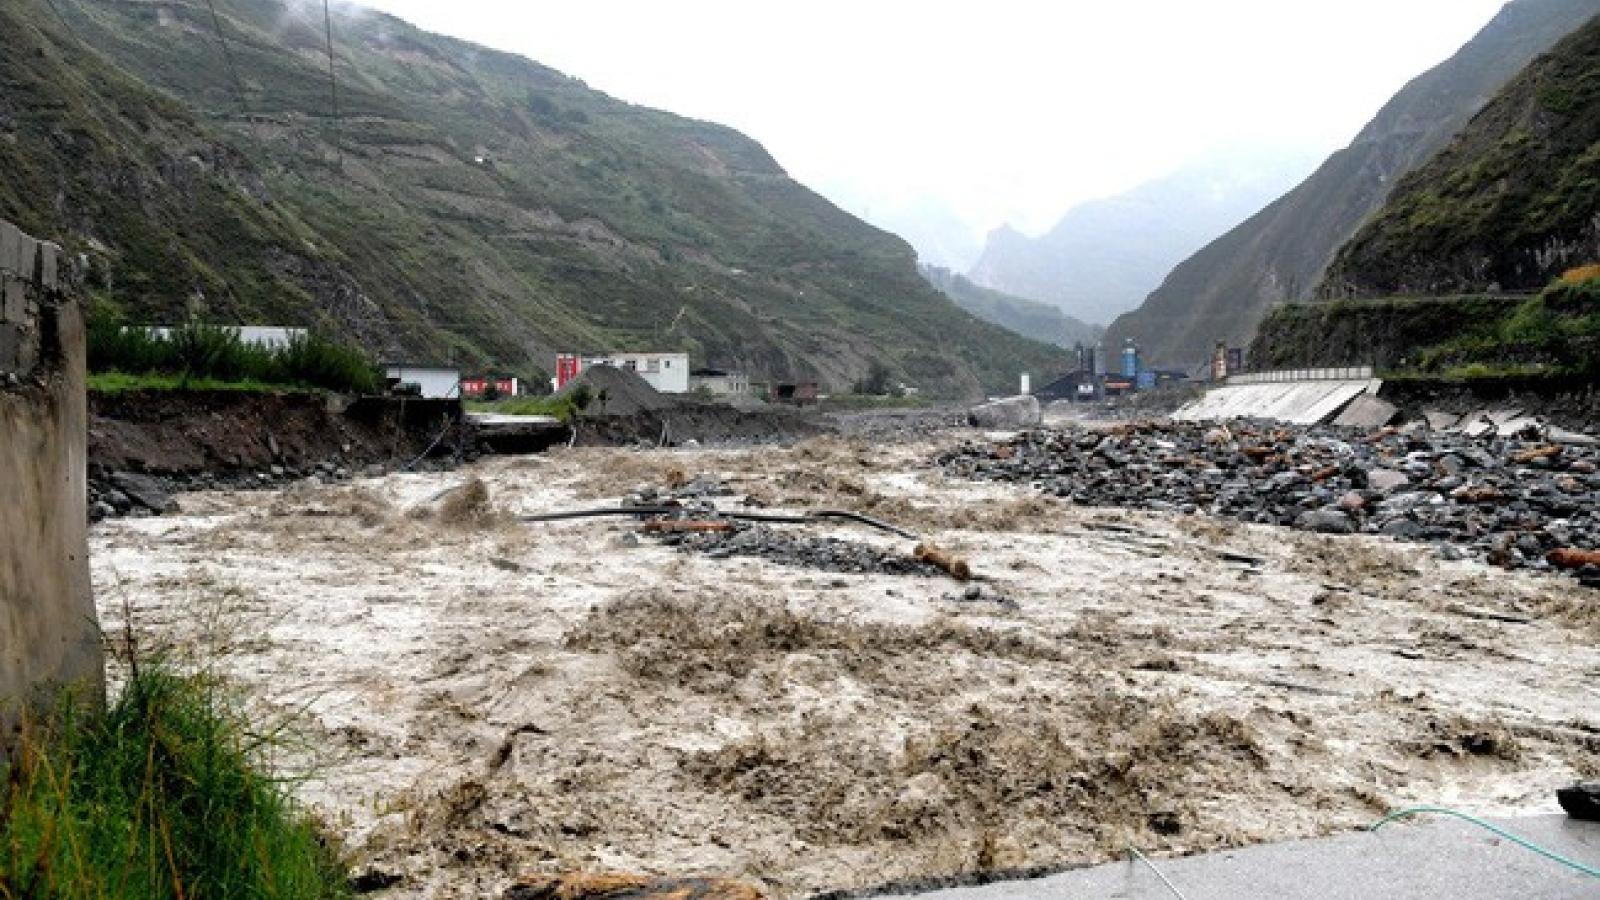 Trung Quốc tiếp tục ban hành cảnh báo mưa lớn và thiên tai